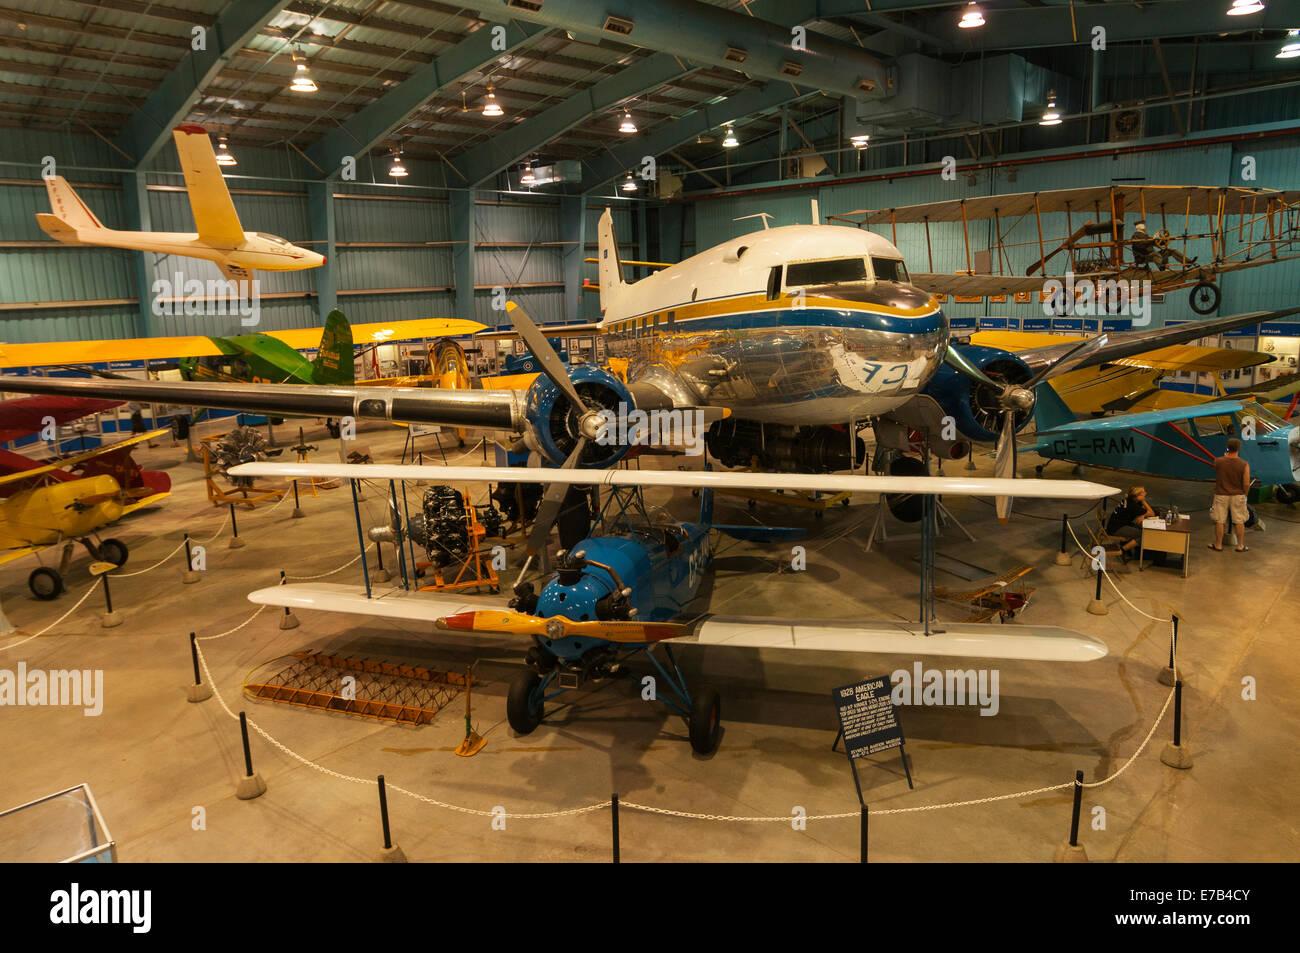 Elk203-5694 Canada, Alberta, Wetaskiwin, Reynolds-Alberta Museum, vintage airplanes, American Eagle - Stock Image